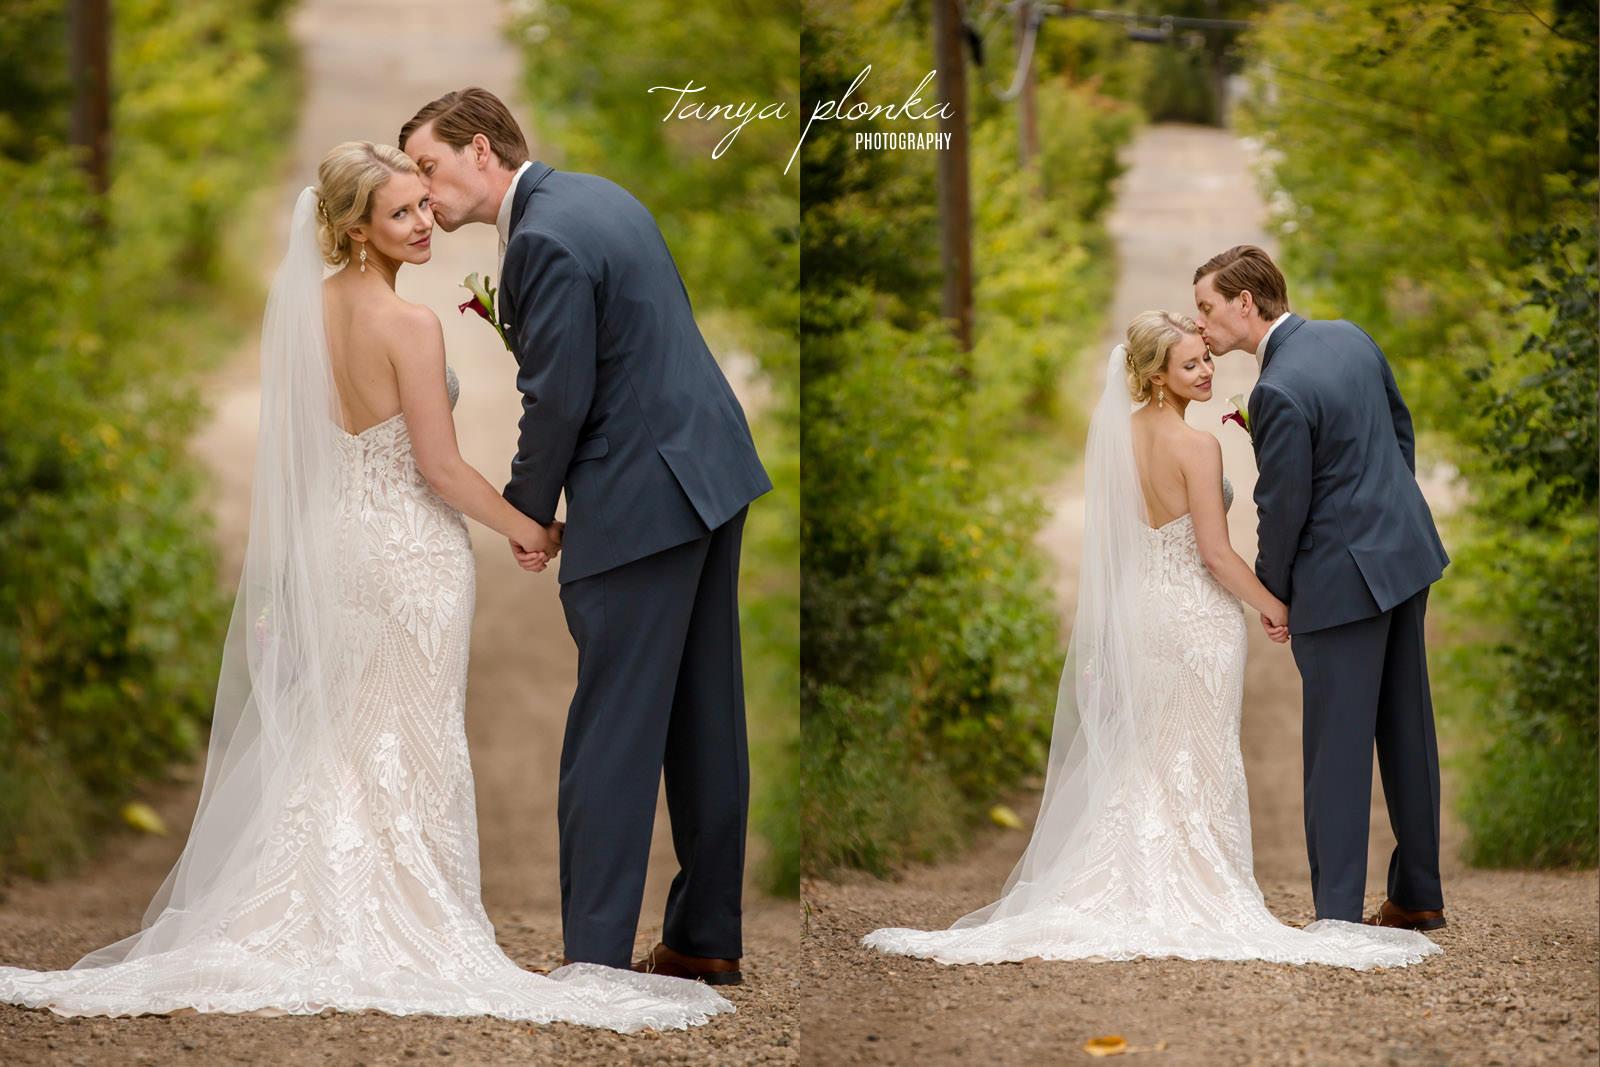 Edmonton bride and groom in alley